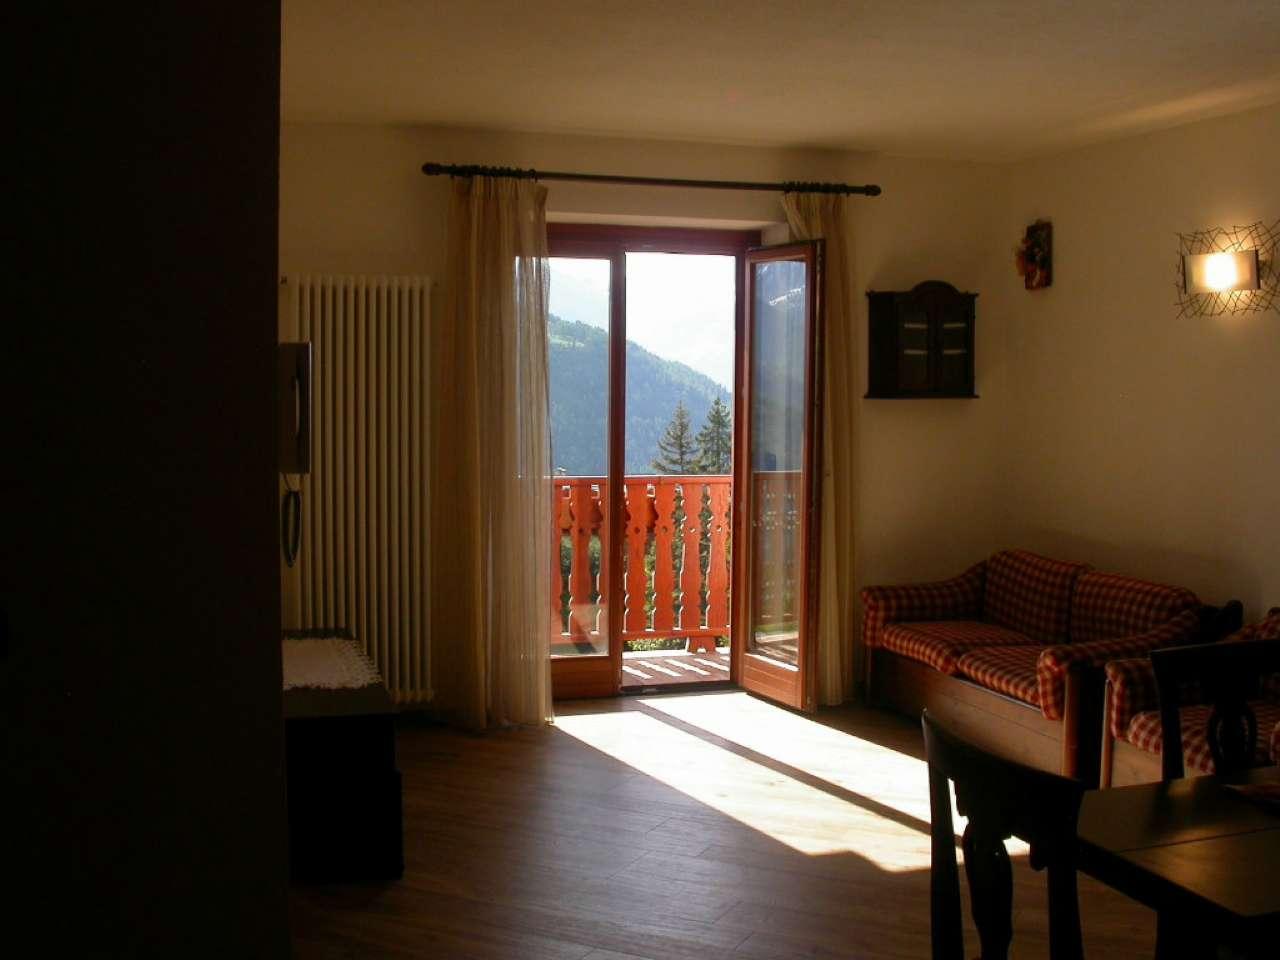 Appartamento in vendita a Sauze d'Oulx, 3 locali, prezzo € 205.000 | CambioCasa.it